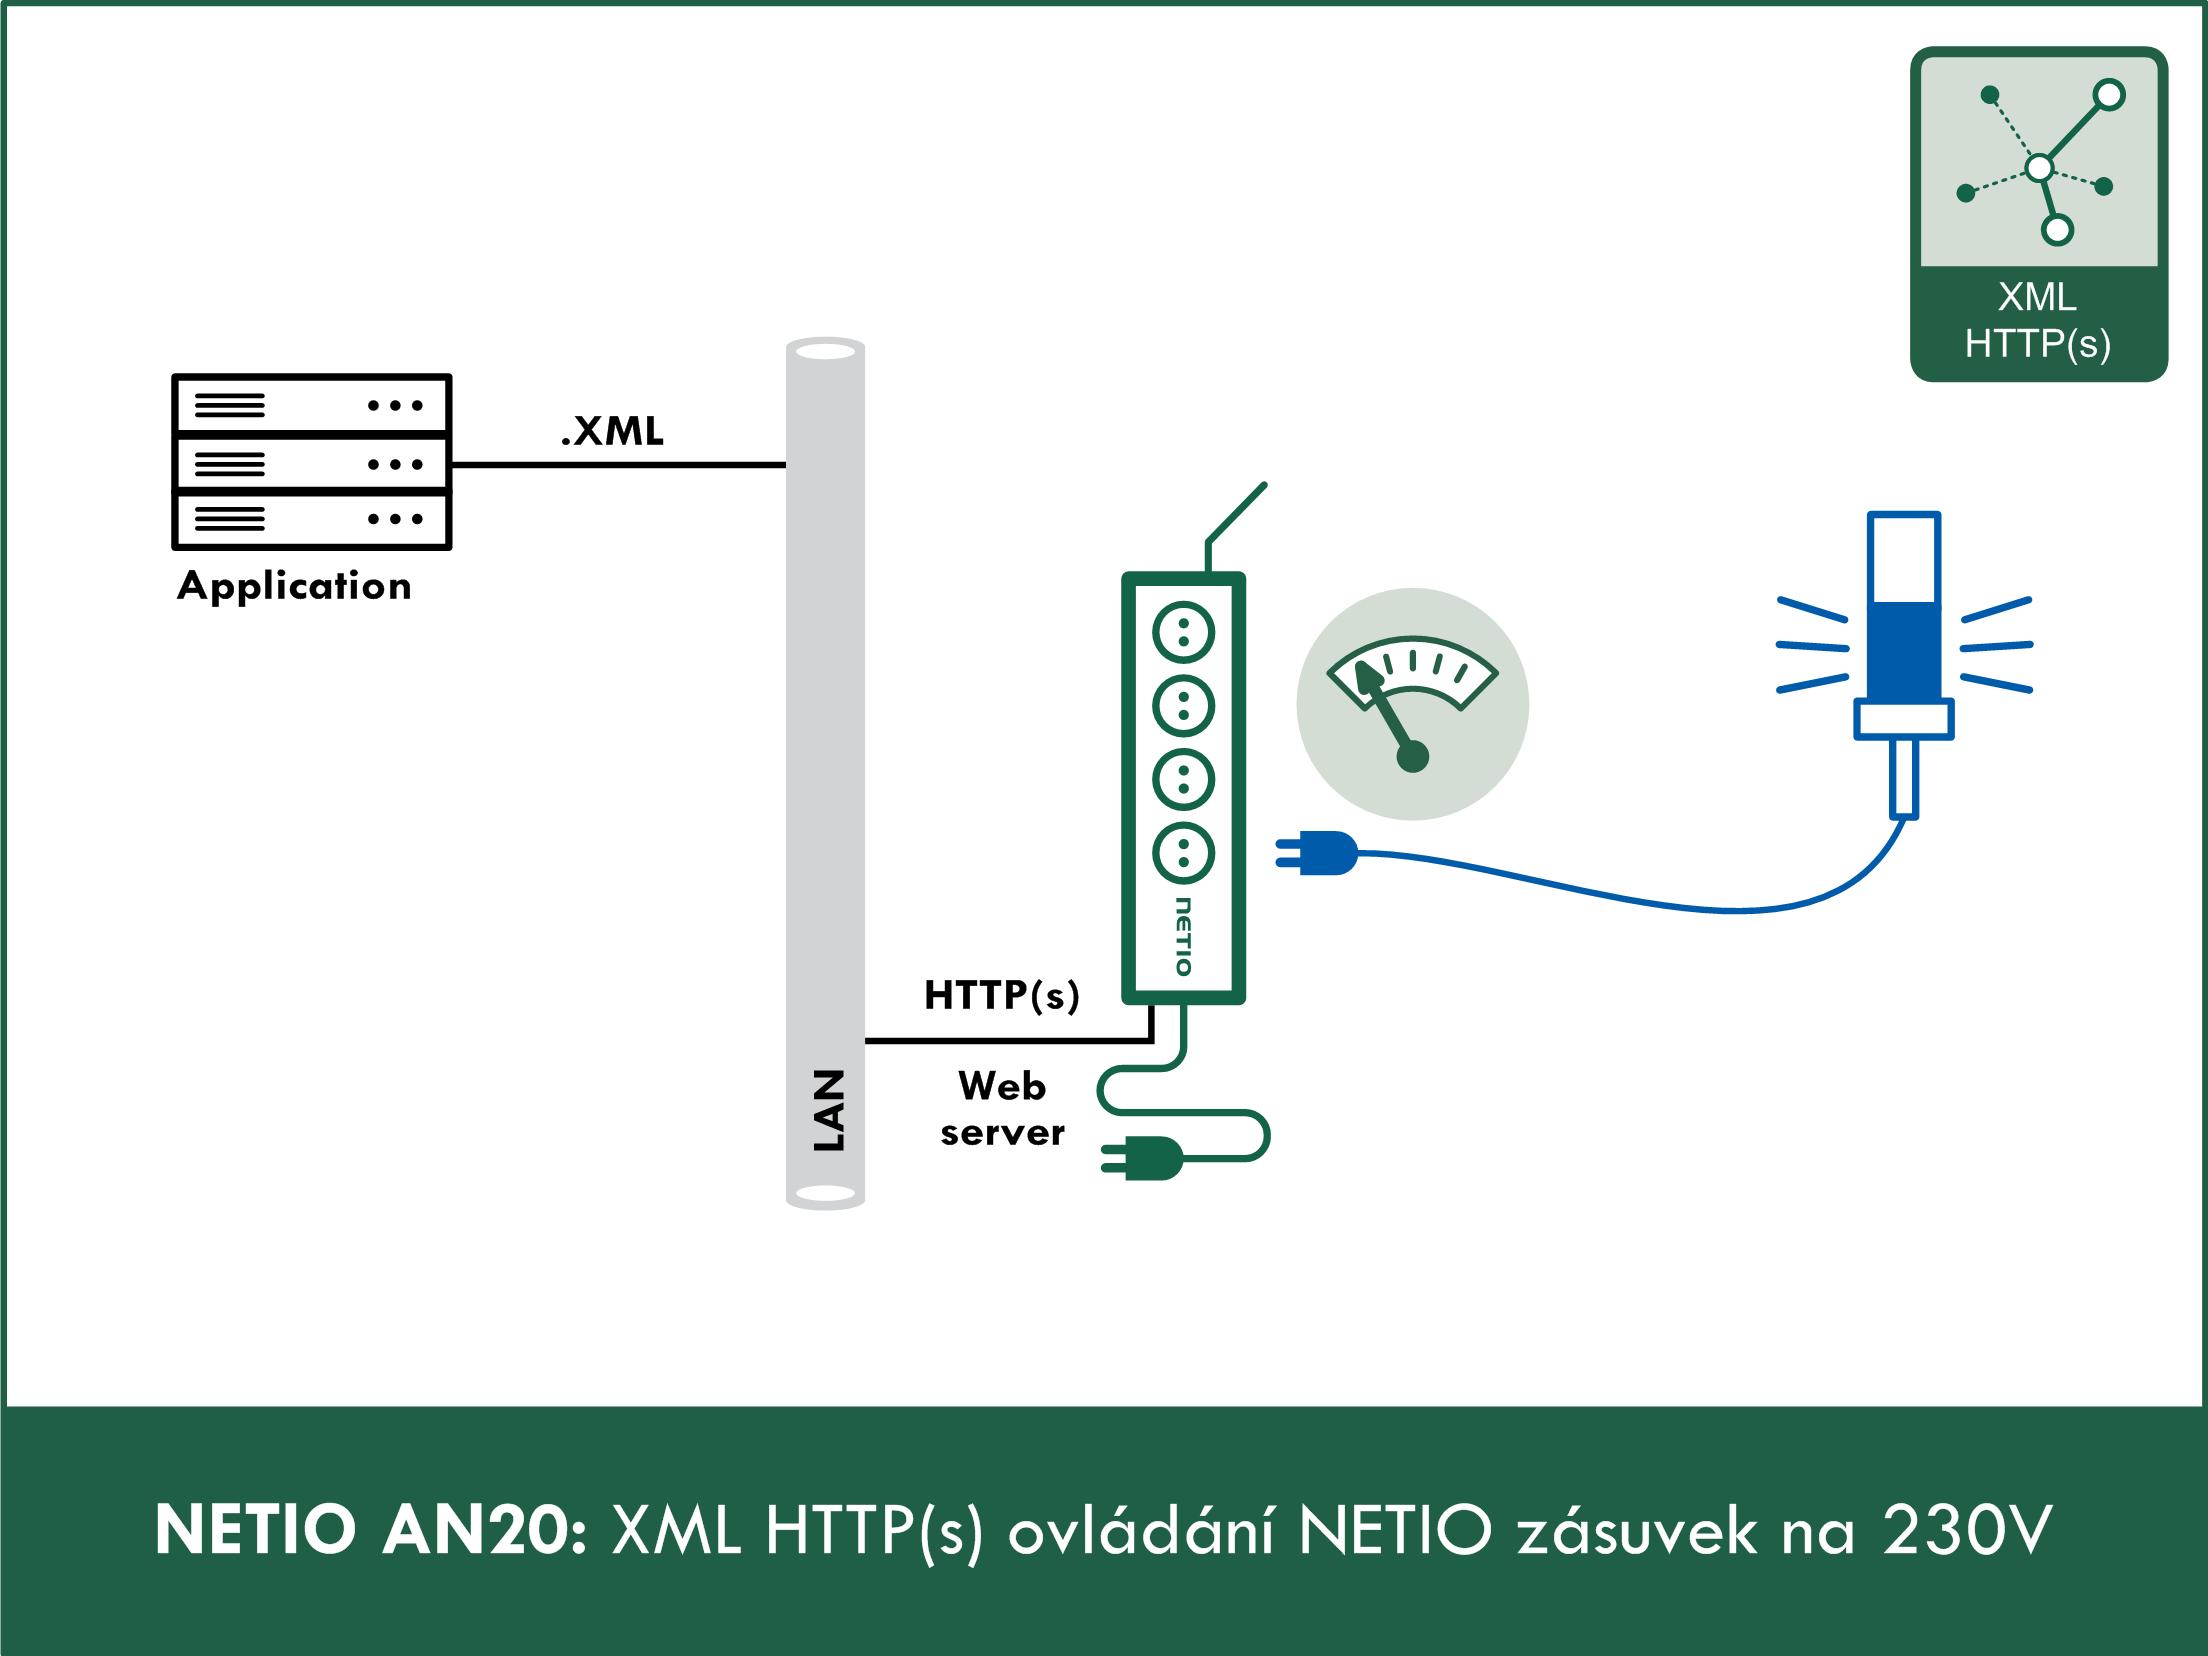 AN20 XML HTTP(s) ovládání NETIO zásuvek na 230V